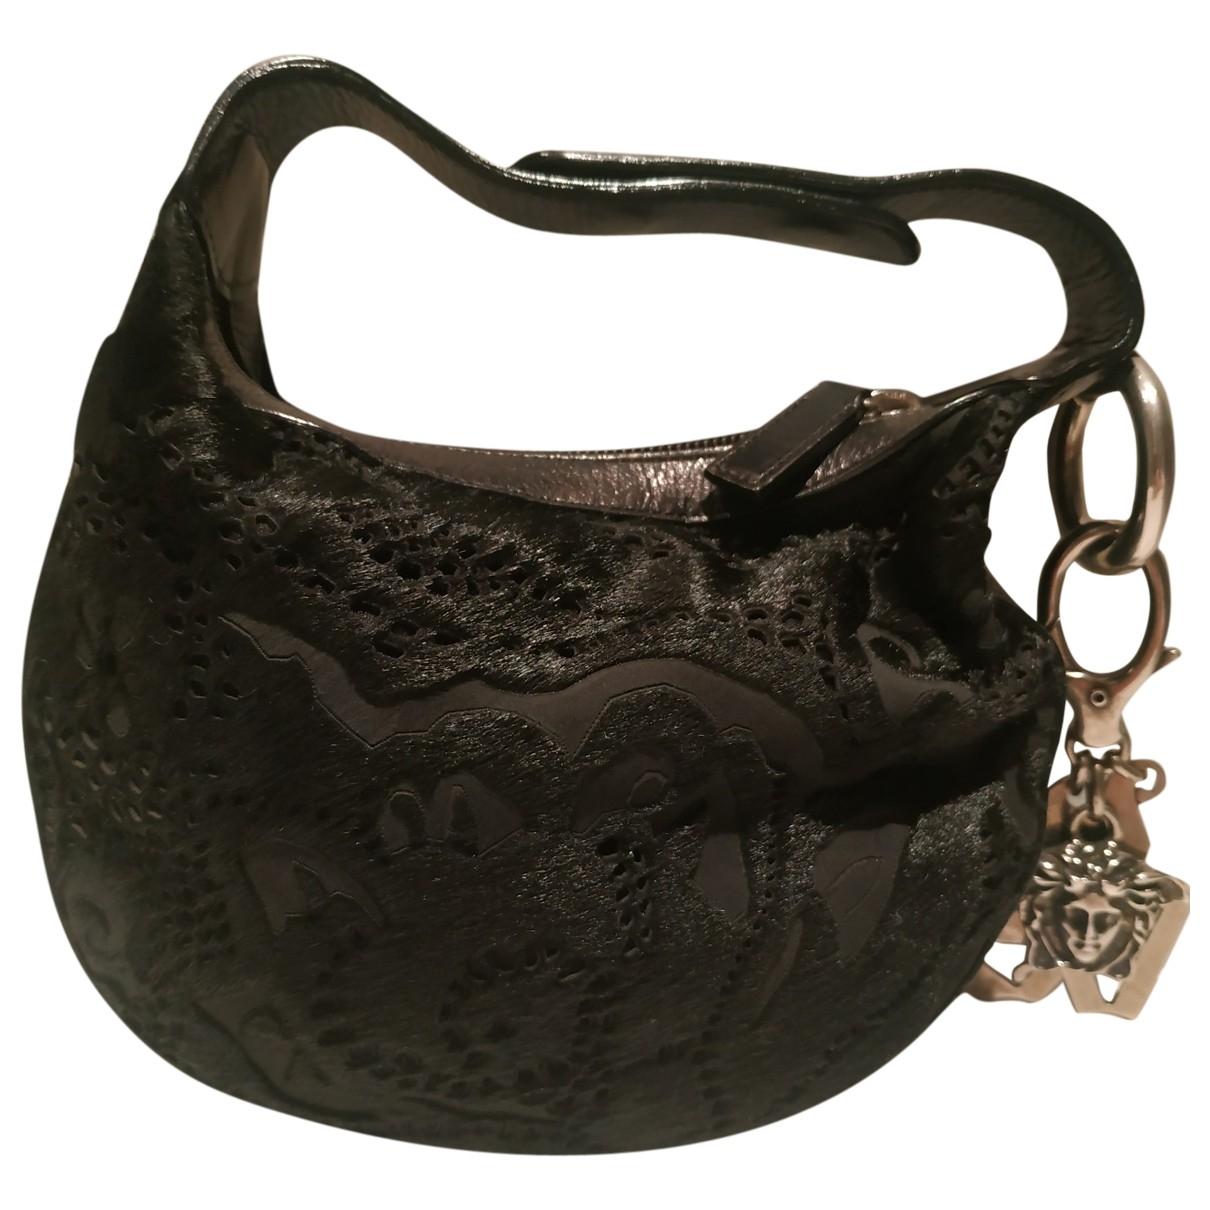 Versace \N Handtasche in  Schwarz Kalbsleder in Pony-Optik